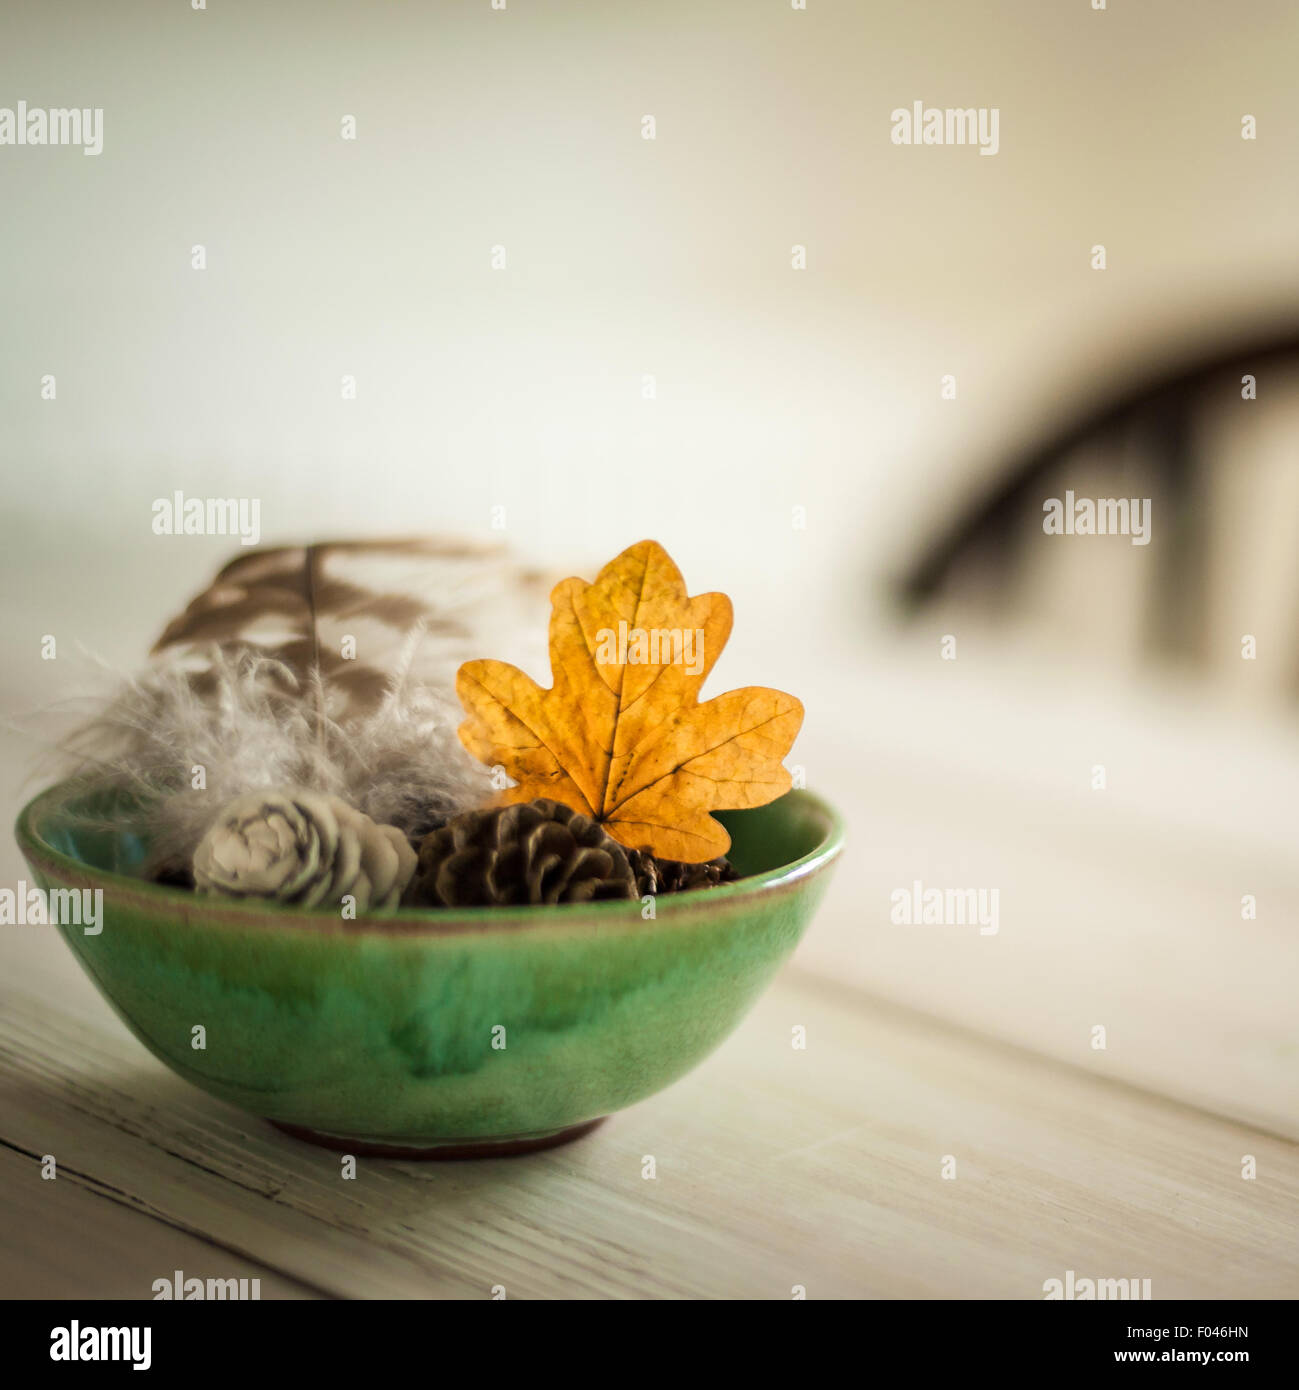 Réunis, feuille de cocottes et plumes vert dans un bol sur la table, avec la chaire de l'arrière-plan Photo Stock